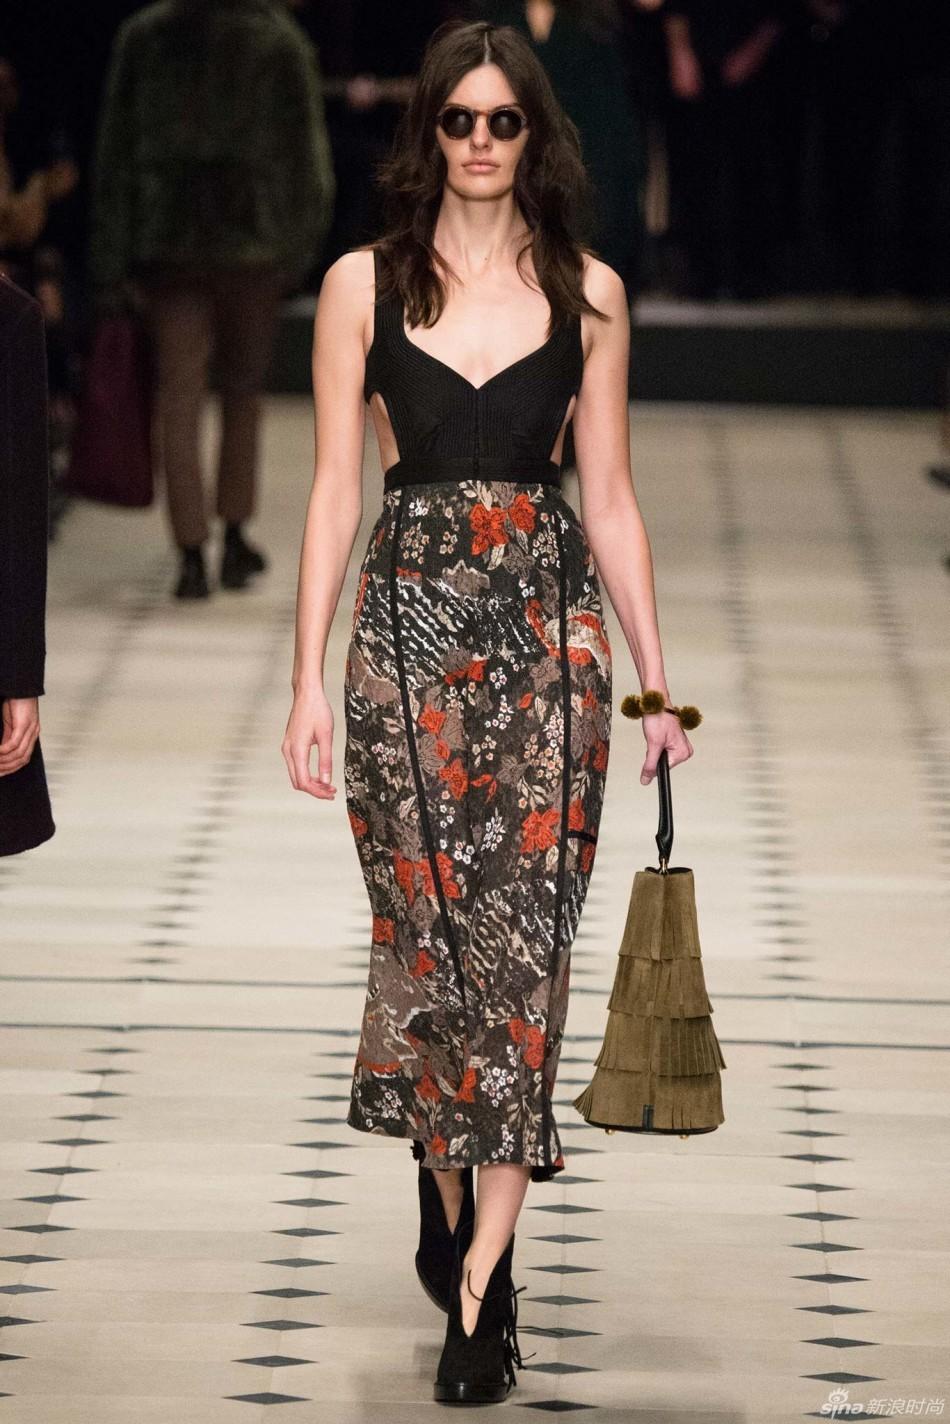 2015秋冬伦敦时装时装周 Burberry Prorsum 巴宝莉 发布会图